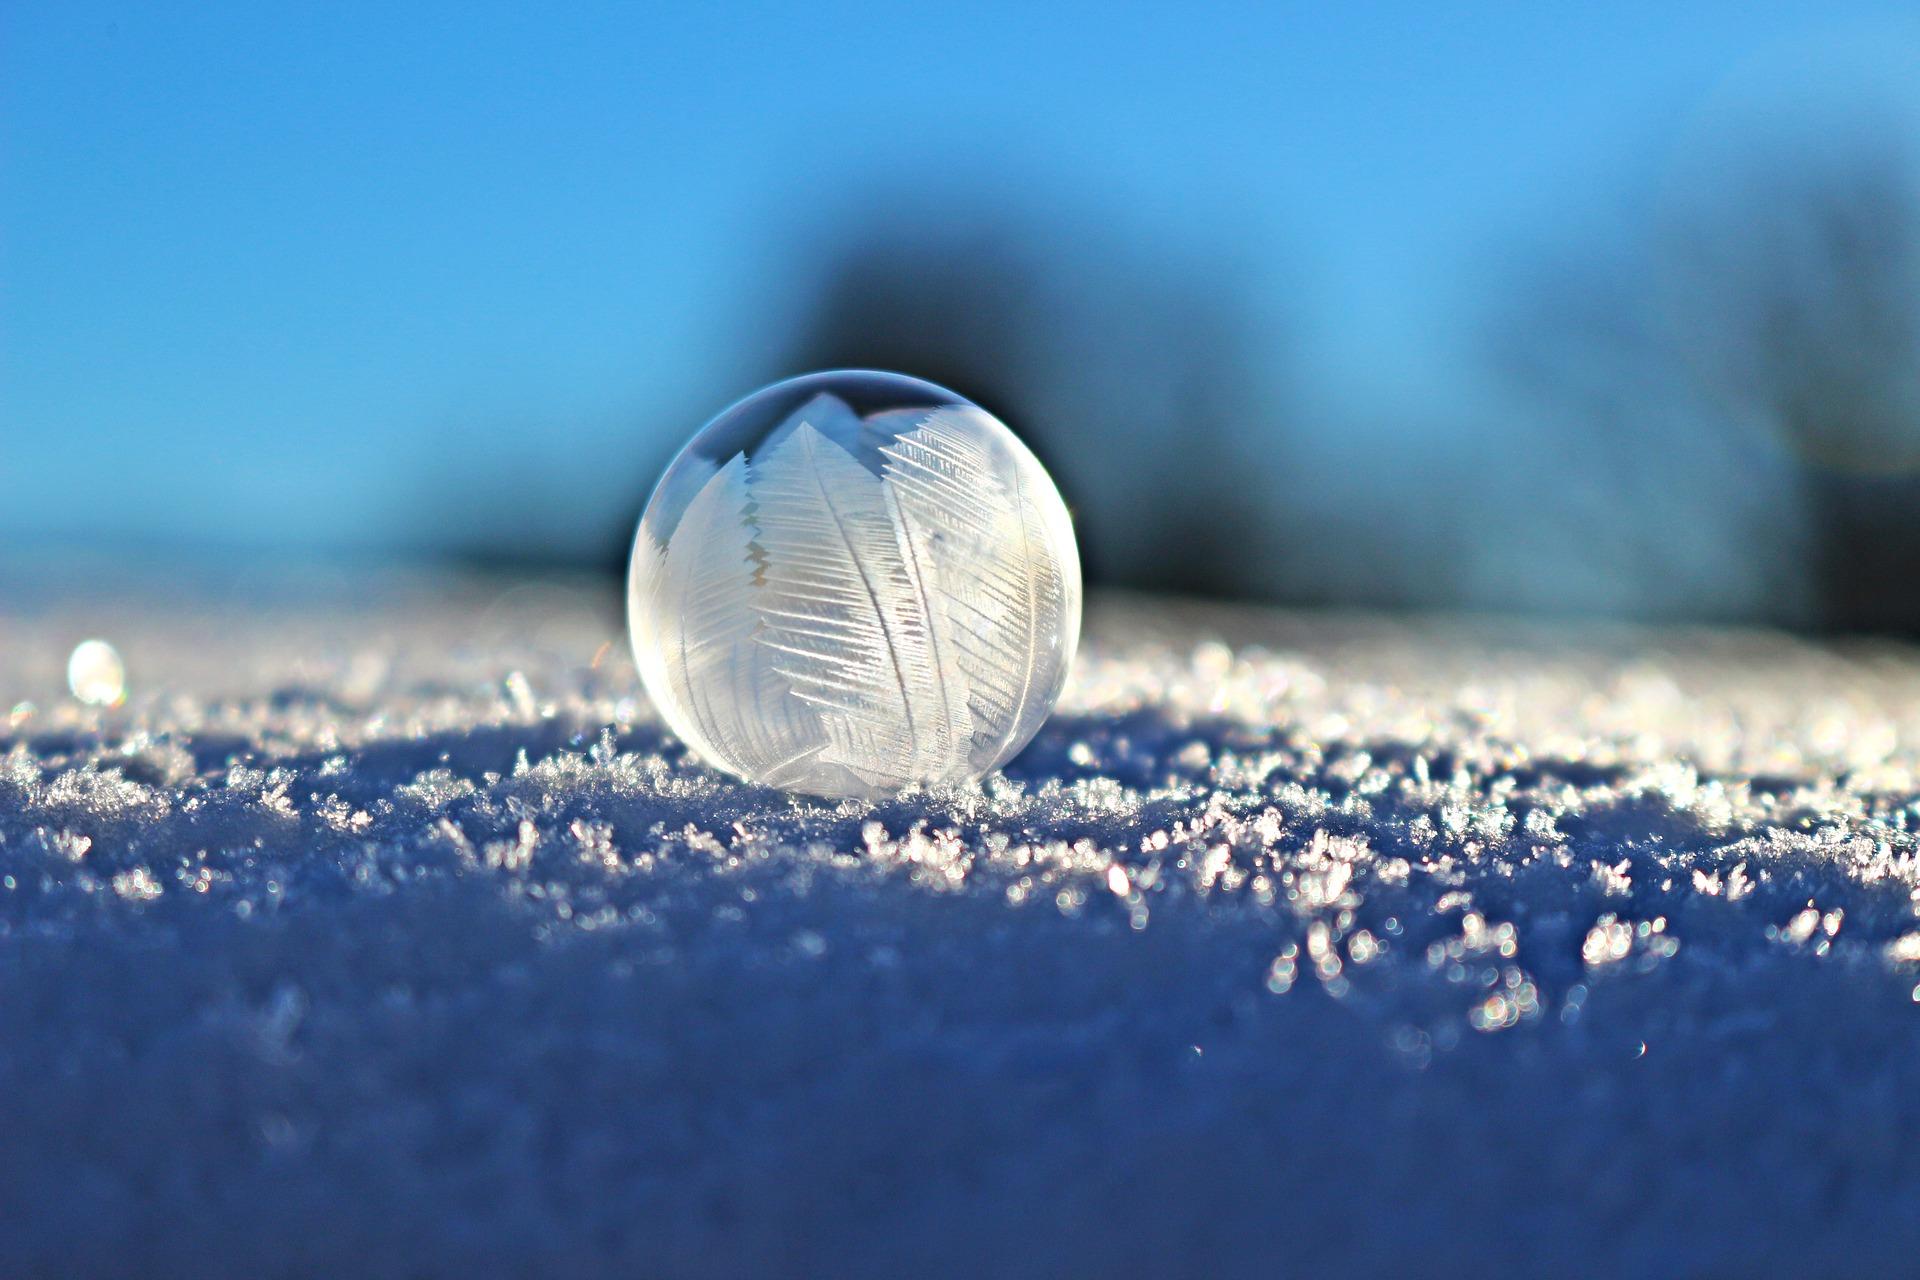 Jäätynyt saippuakupla lumella. Frozen soap bubble on snow.